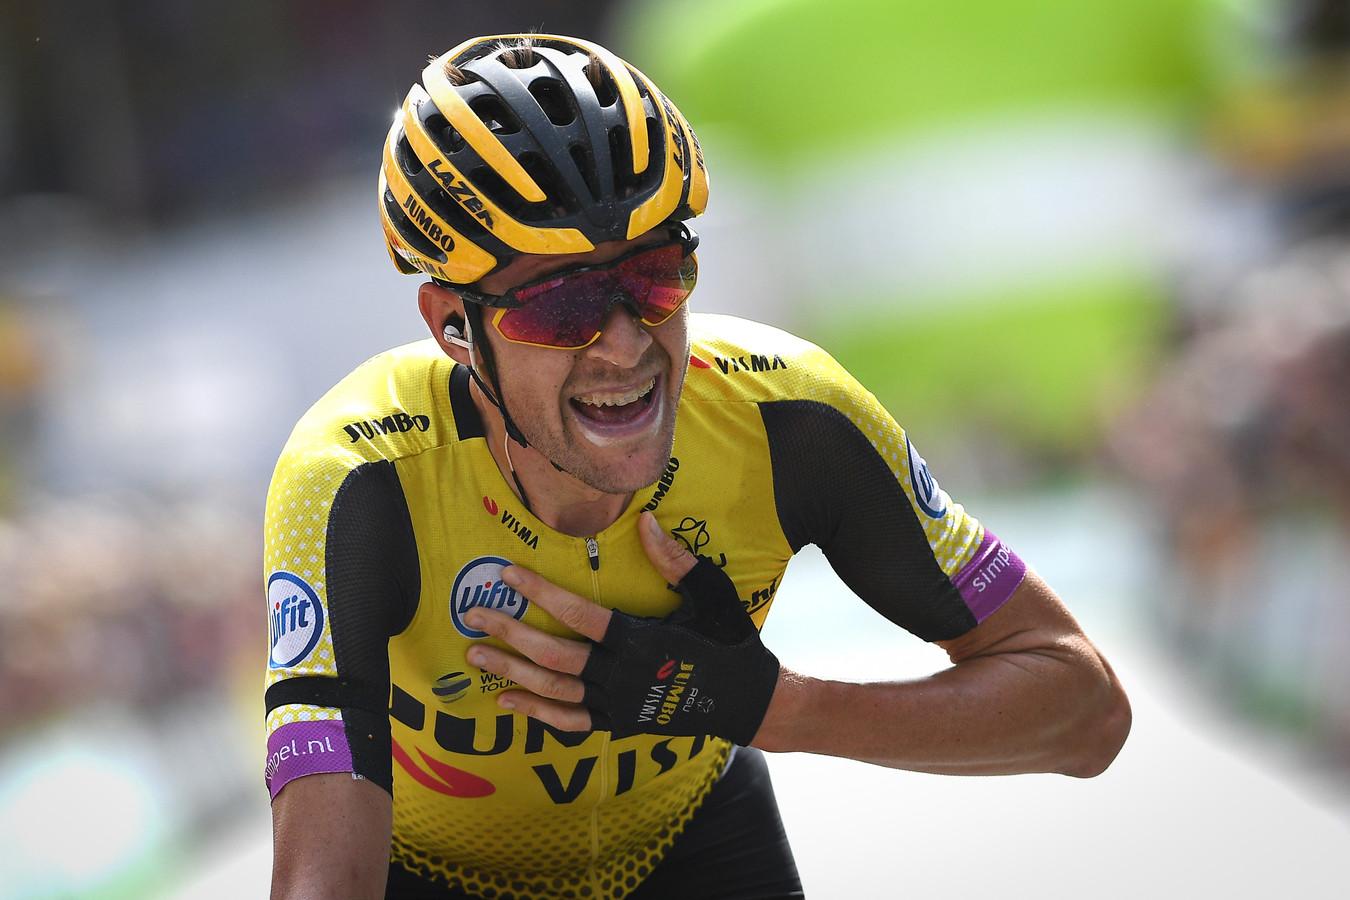 Laurens De Plus na zijn zege in de laatste etappe van de Binckbank Tour, in augustus 2019.